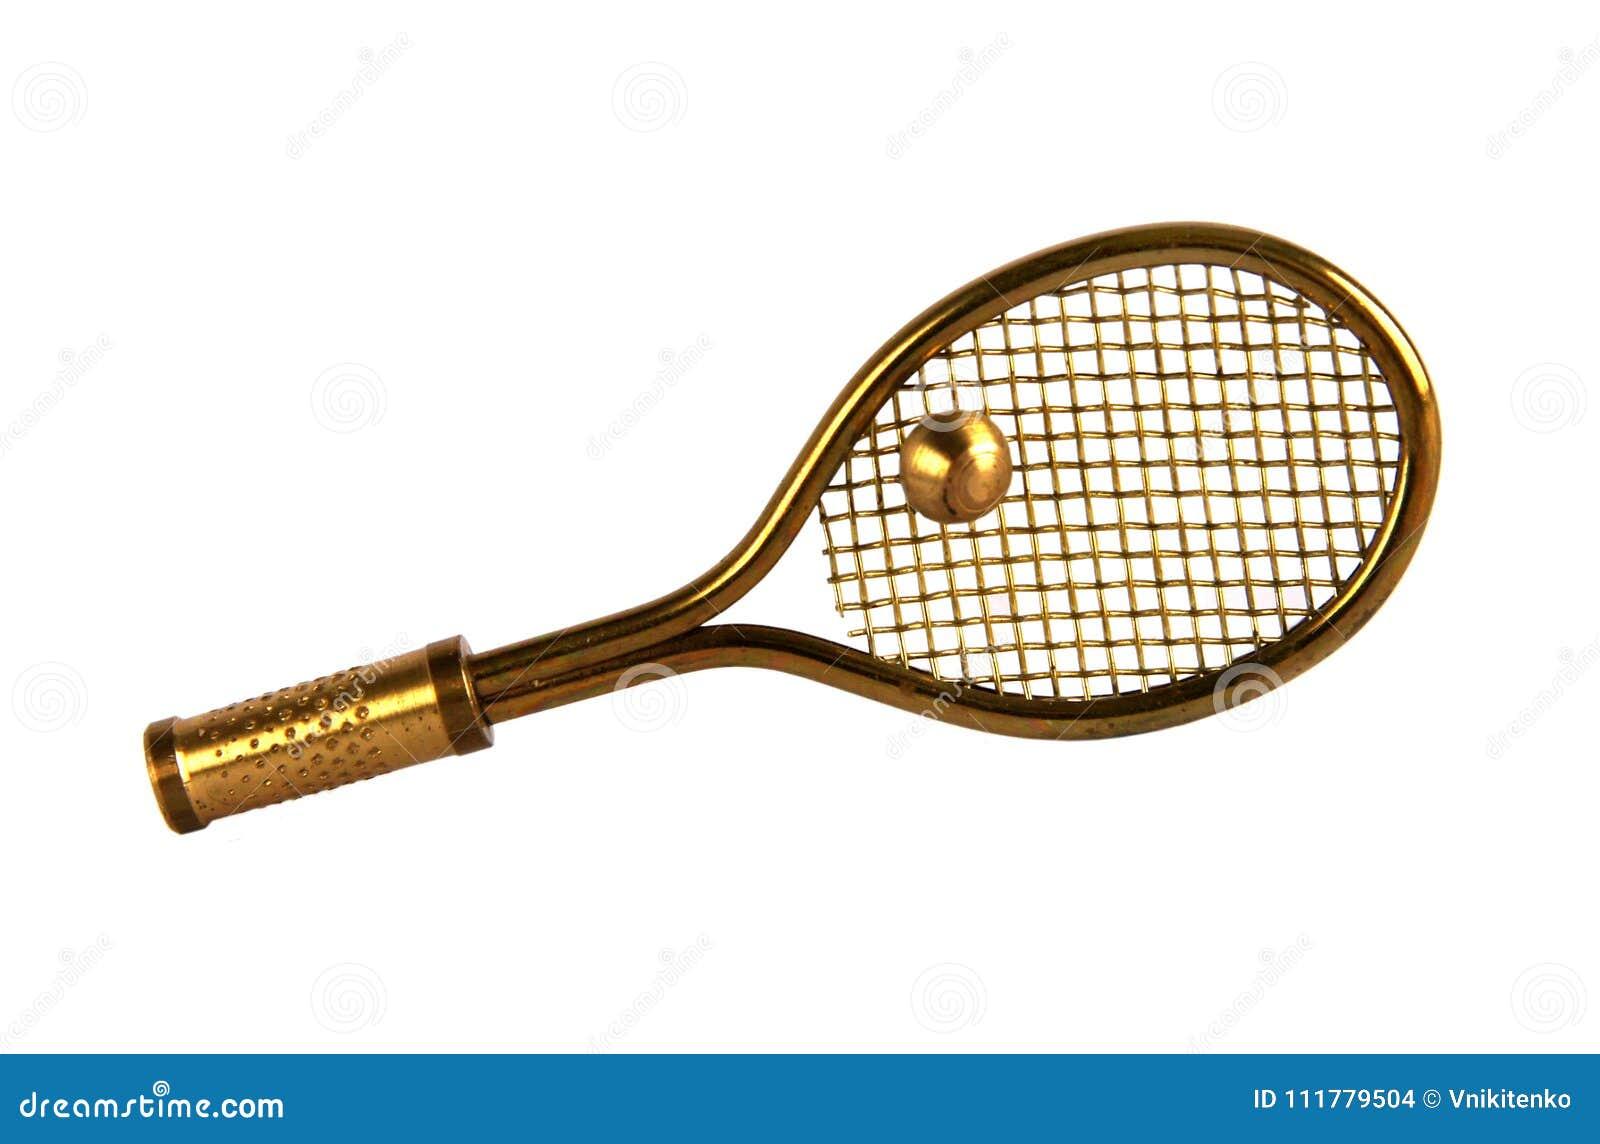 Латунные ракетка и шарик тенниса